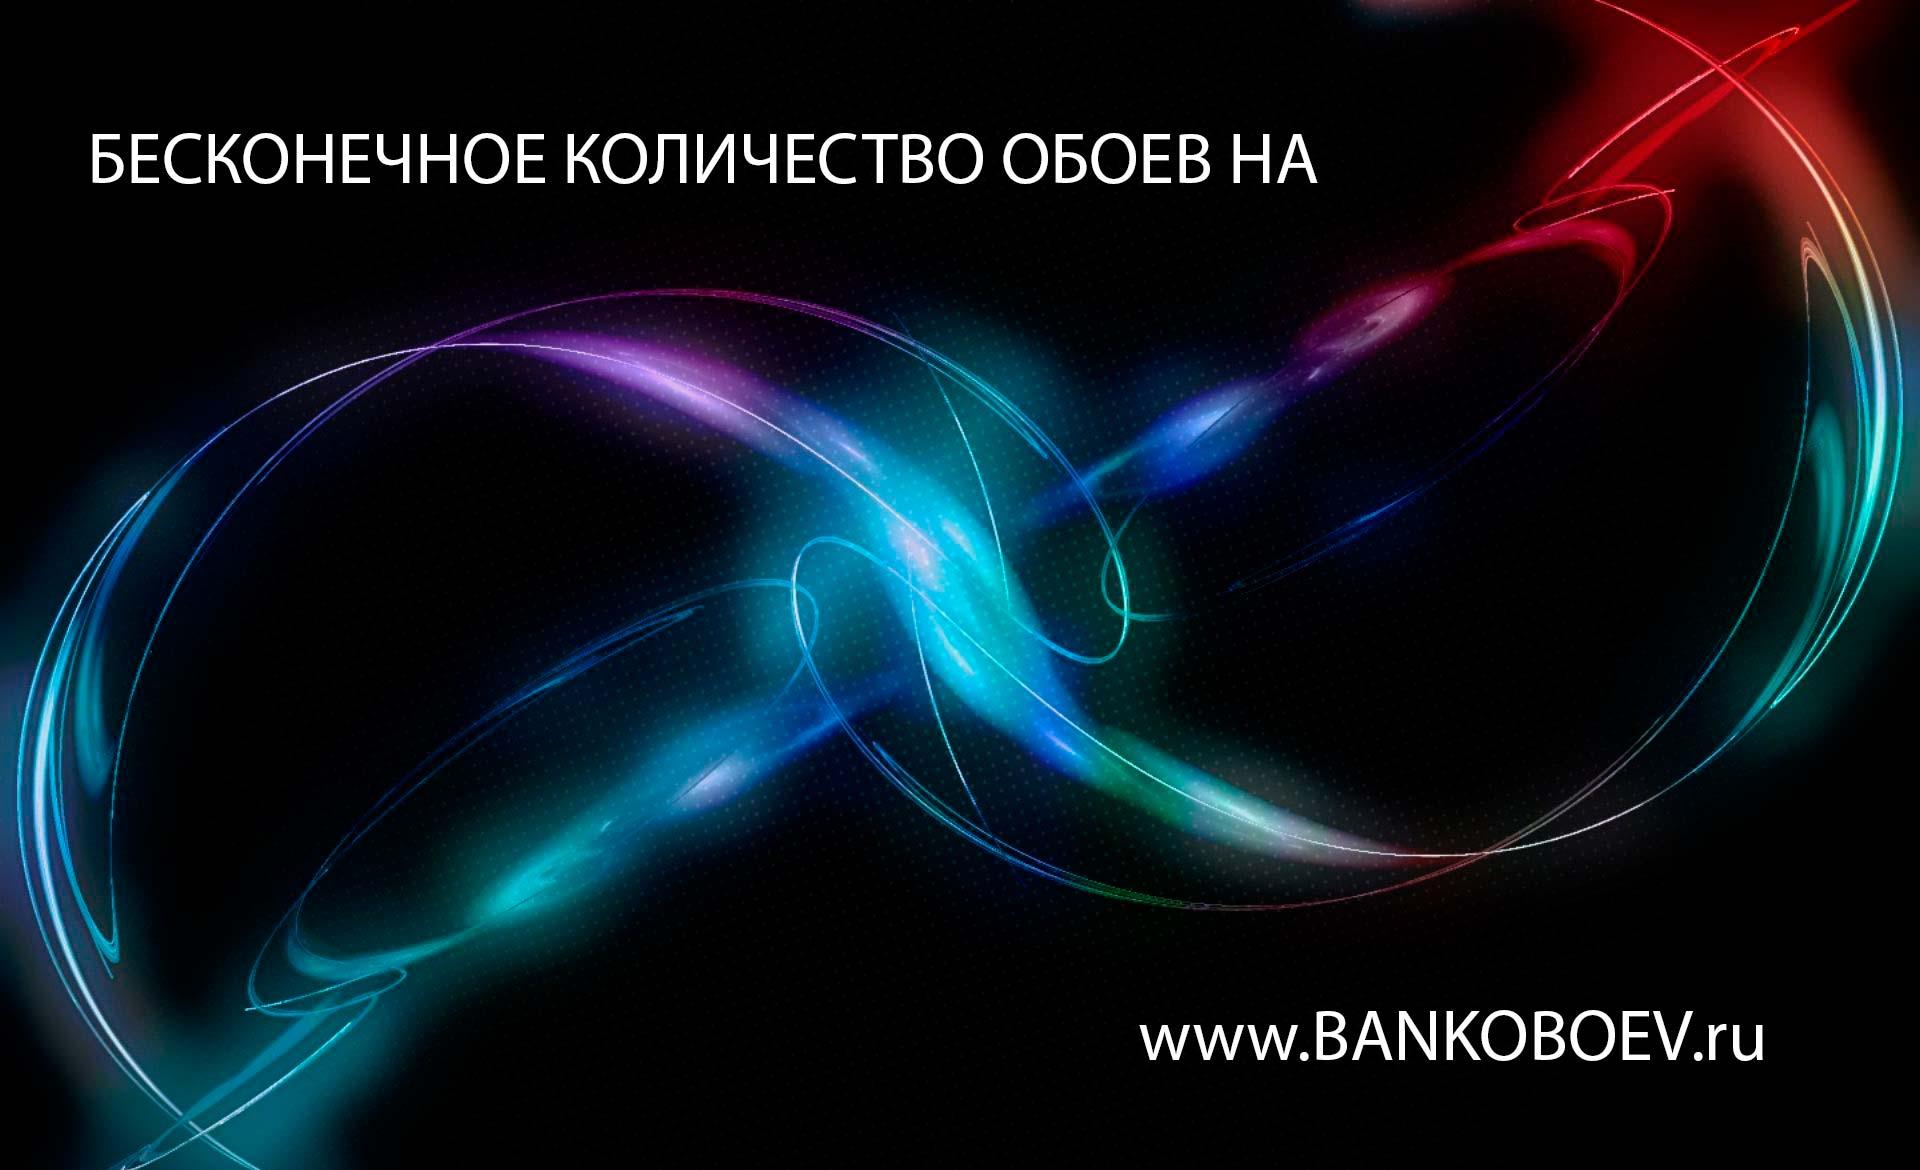 Source httpwwwbankoboevruimagesMjU3MDgyBankoboevRu kiber 1920x1170